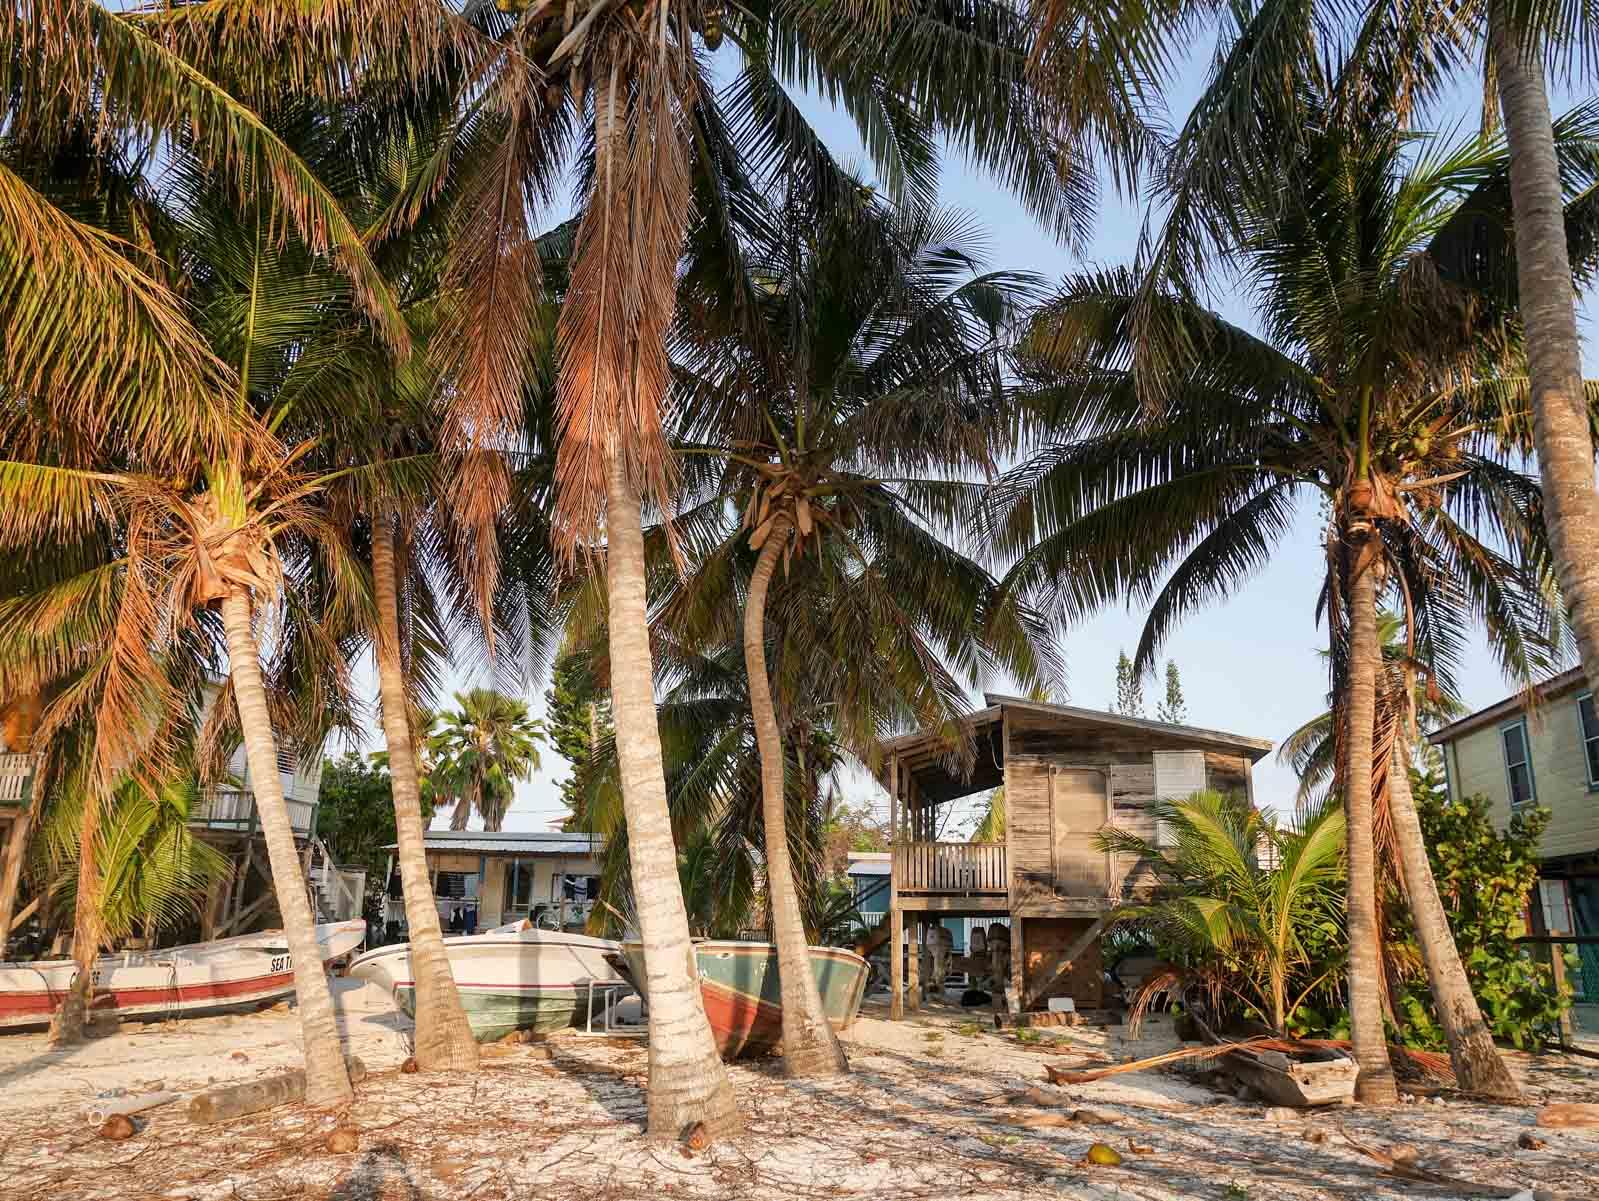 Littoral du Belize : les cayes de la caraïbe